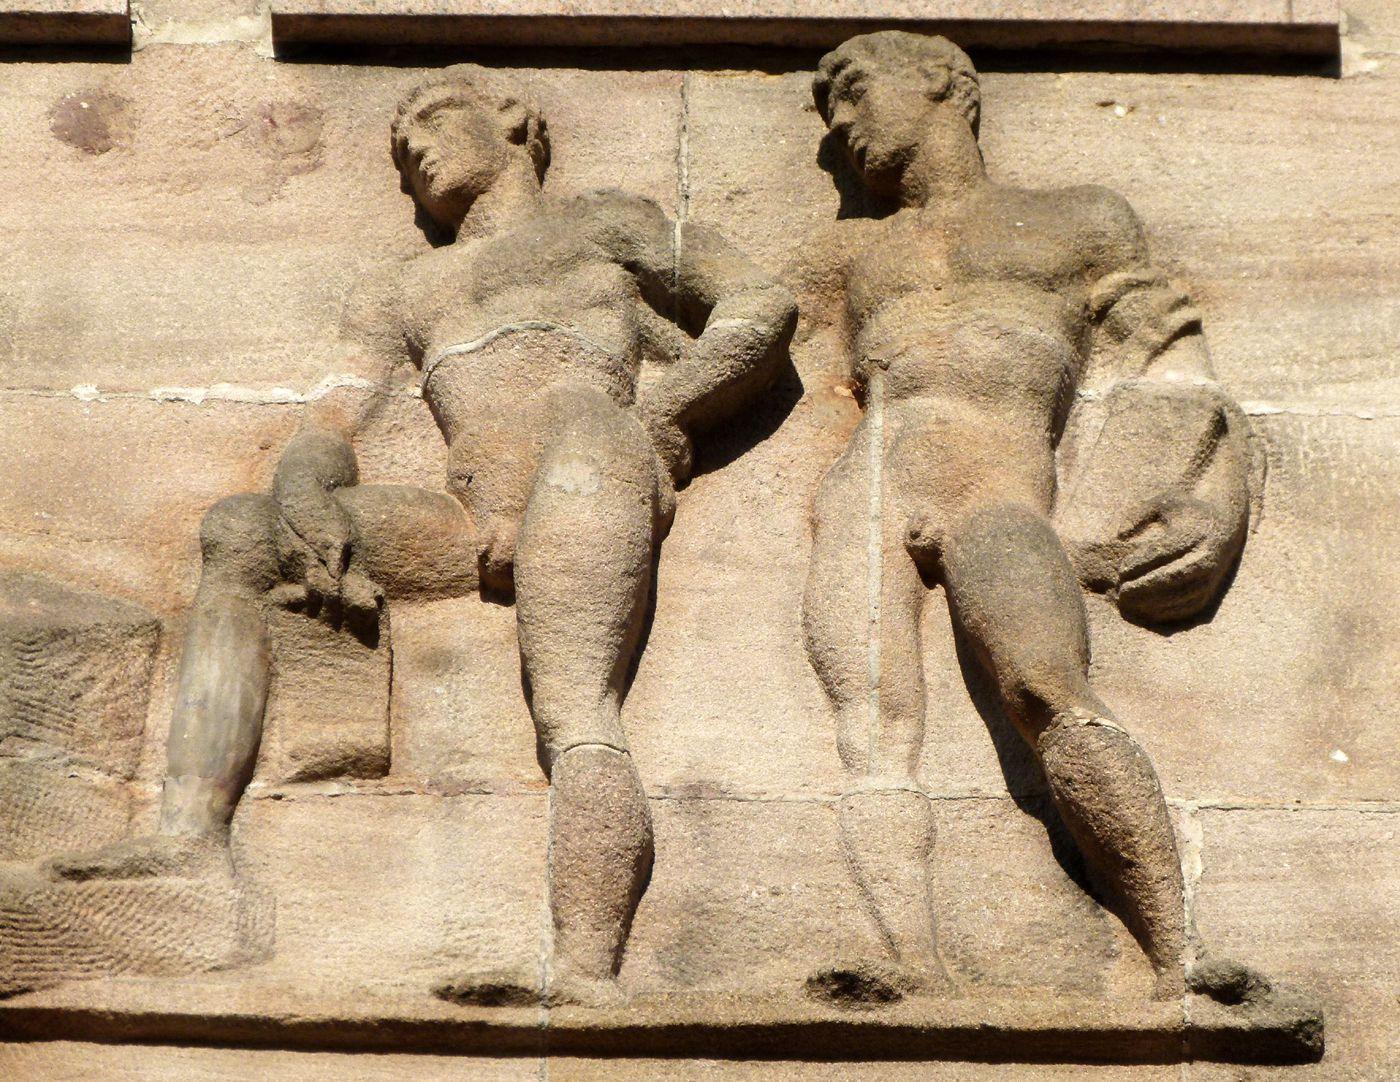 Sigmund Schuckert-Haus Chörlein, oberes Relief von Josef Wackerle: Schüler des Architekten